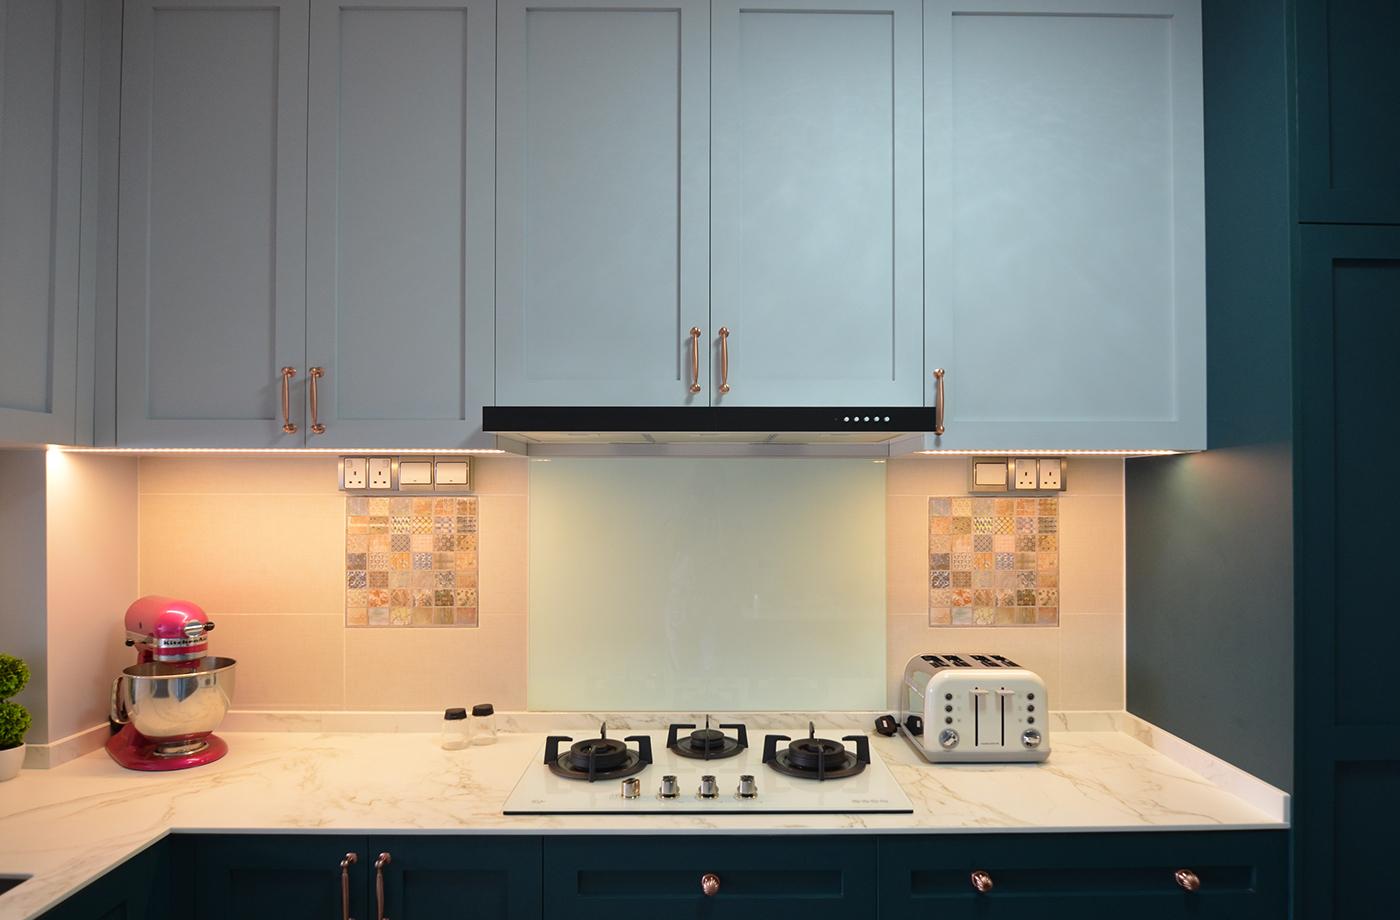 Kitchen | Pasir Ris Drive 4 on Behance